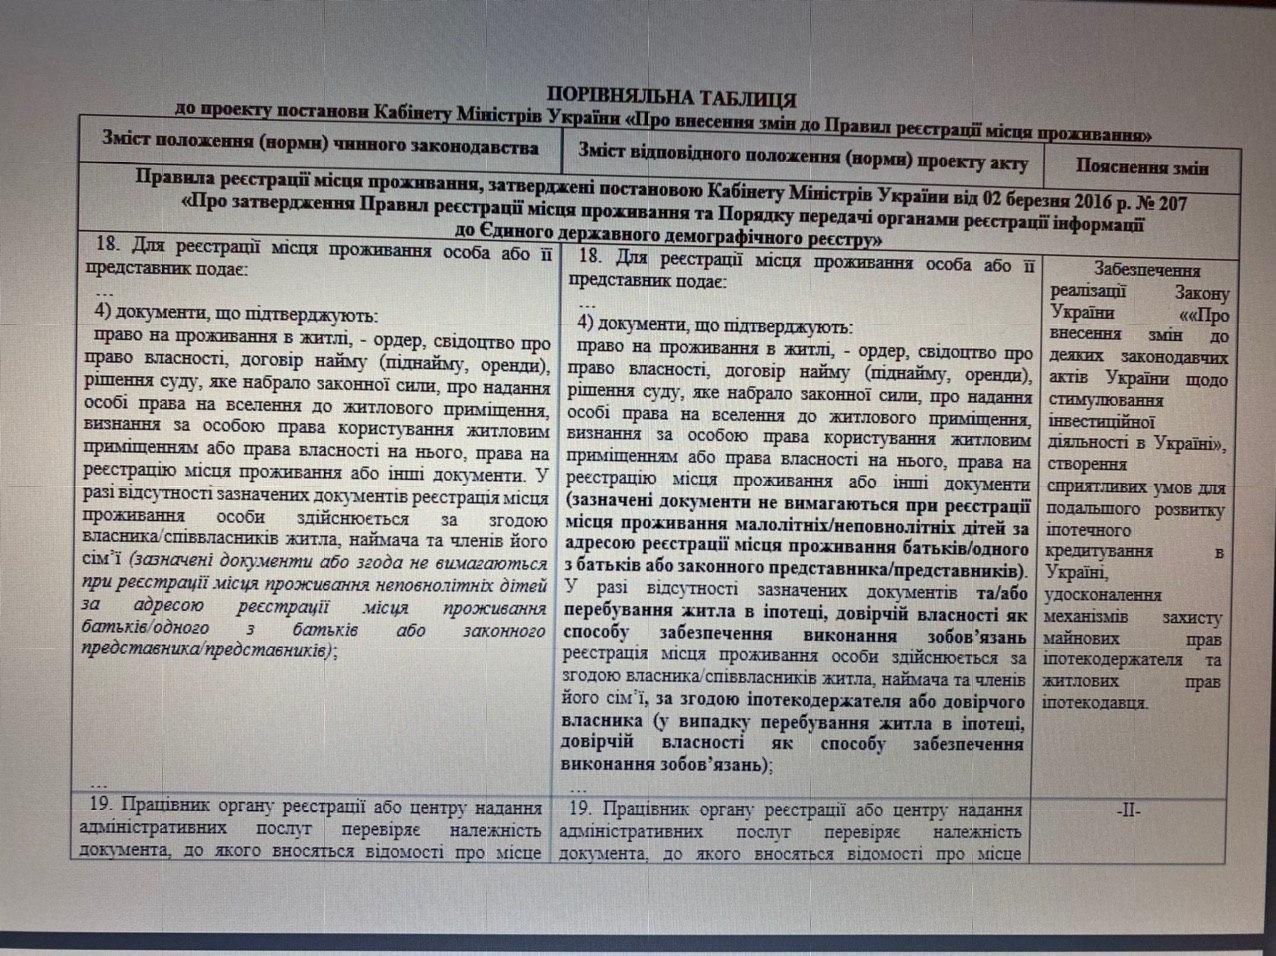 В Україні змінили правила прописки - зміни - 20ba808c c07c 4cd1 b80f 746241ff8142